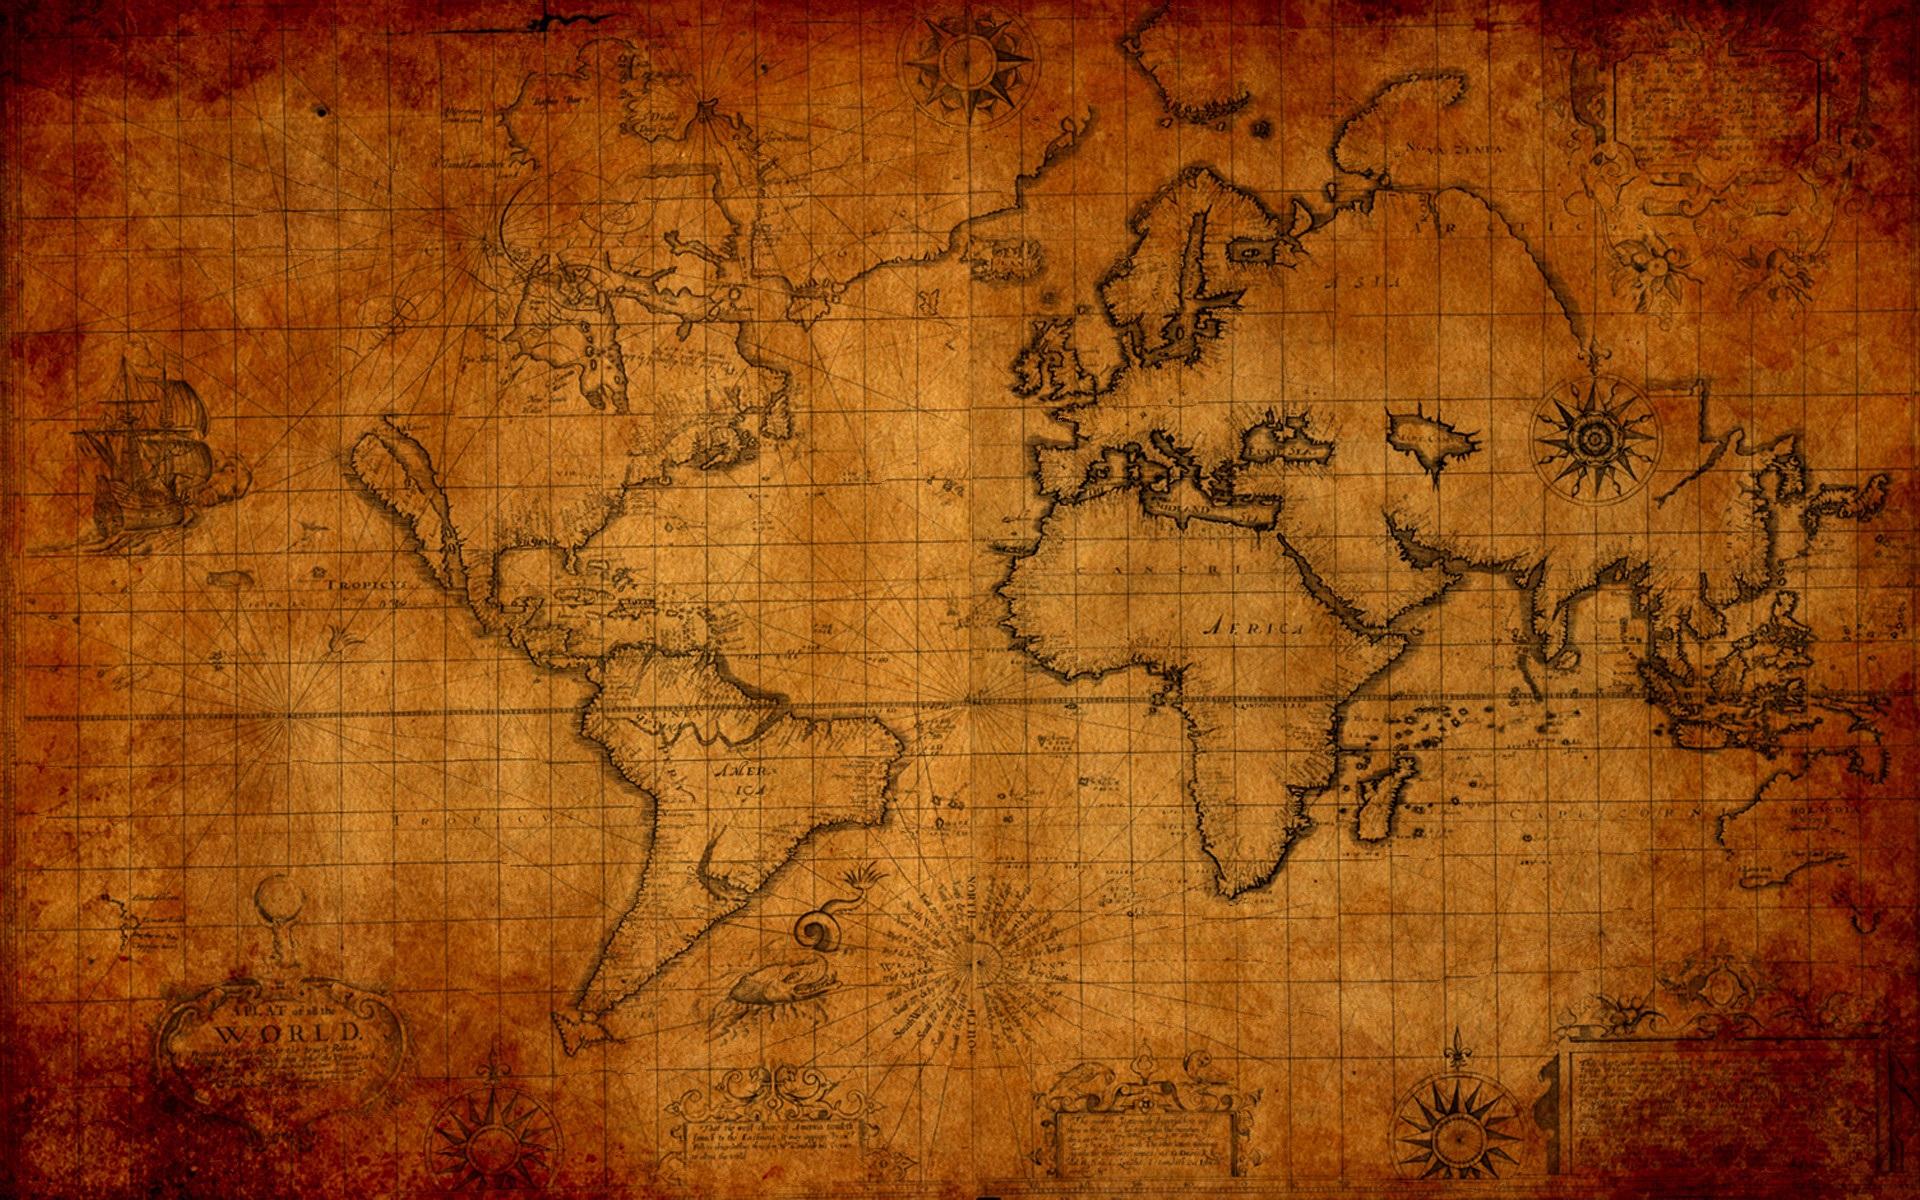 Indiana Jones Map Wallpaper